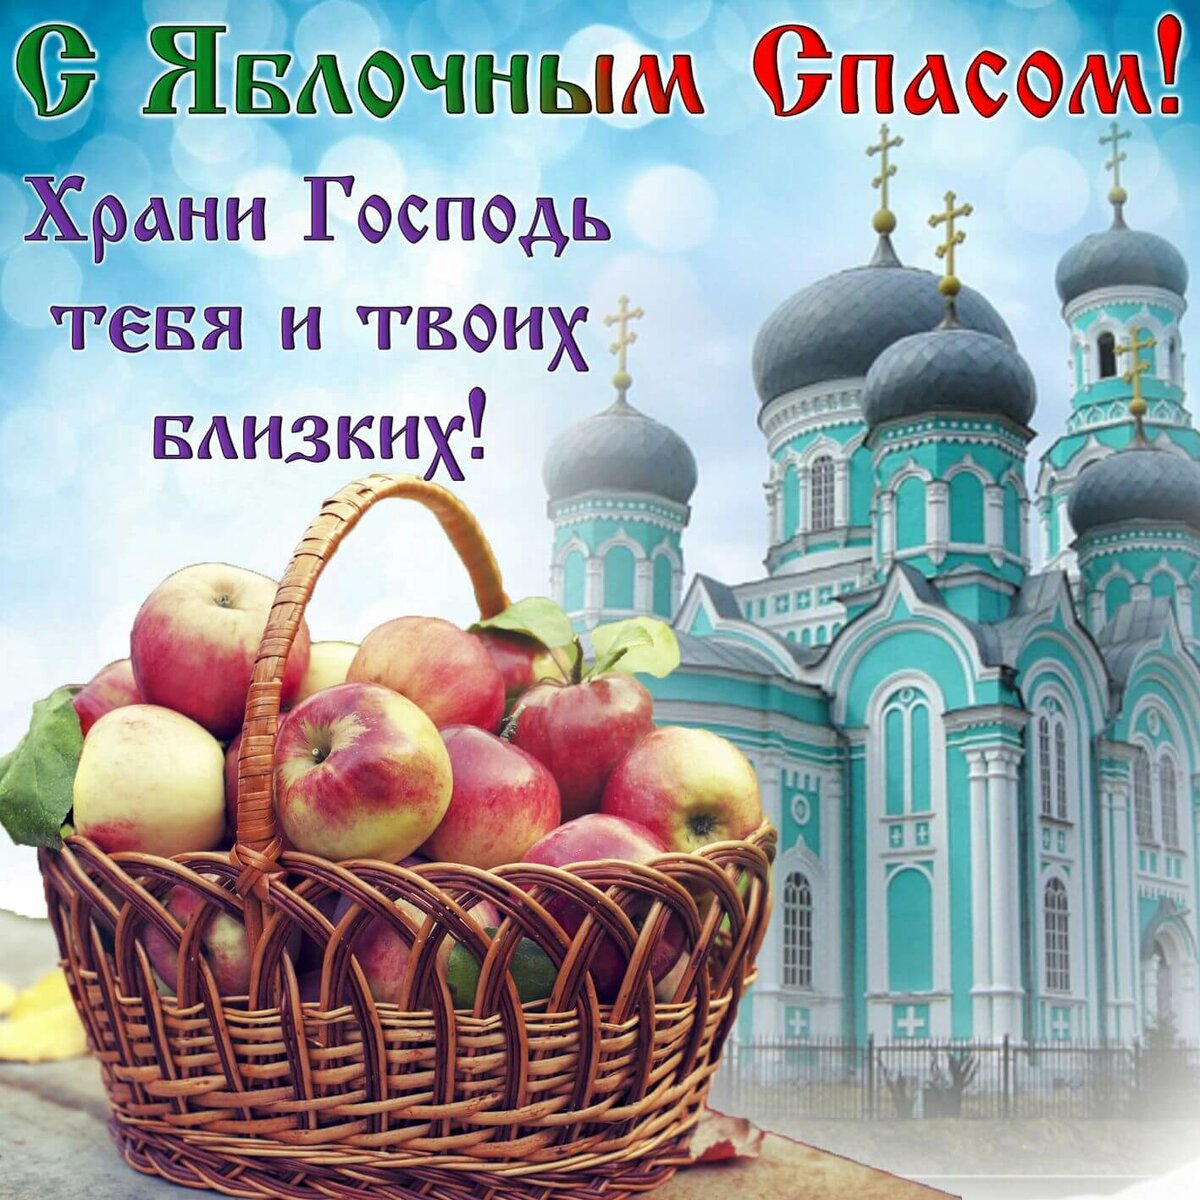 Яблочный спас открытки с поздравлениями красивые